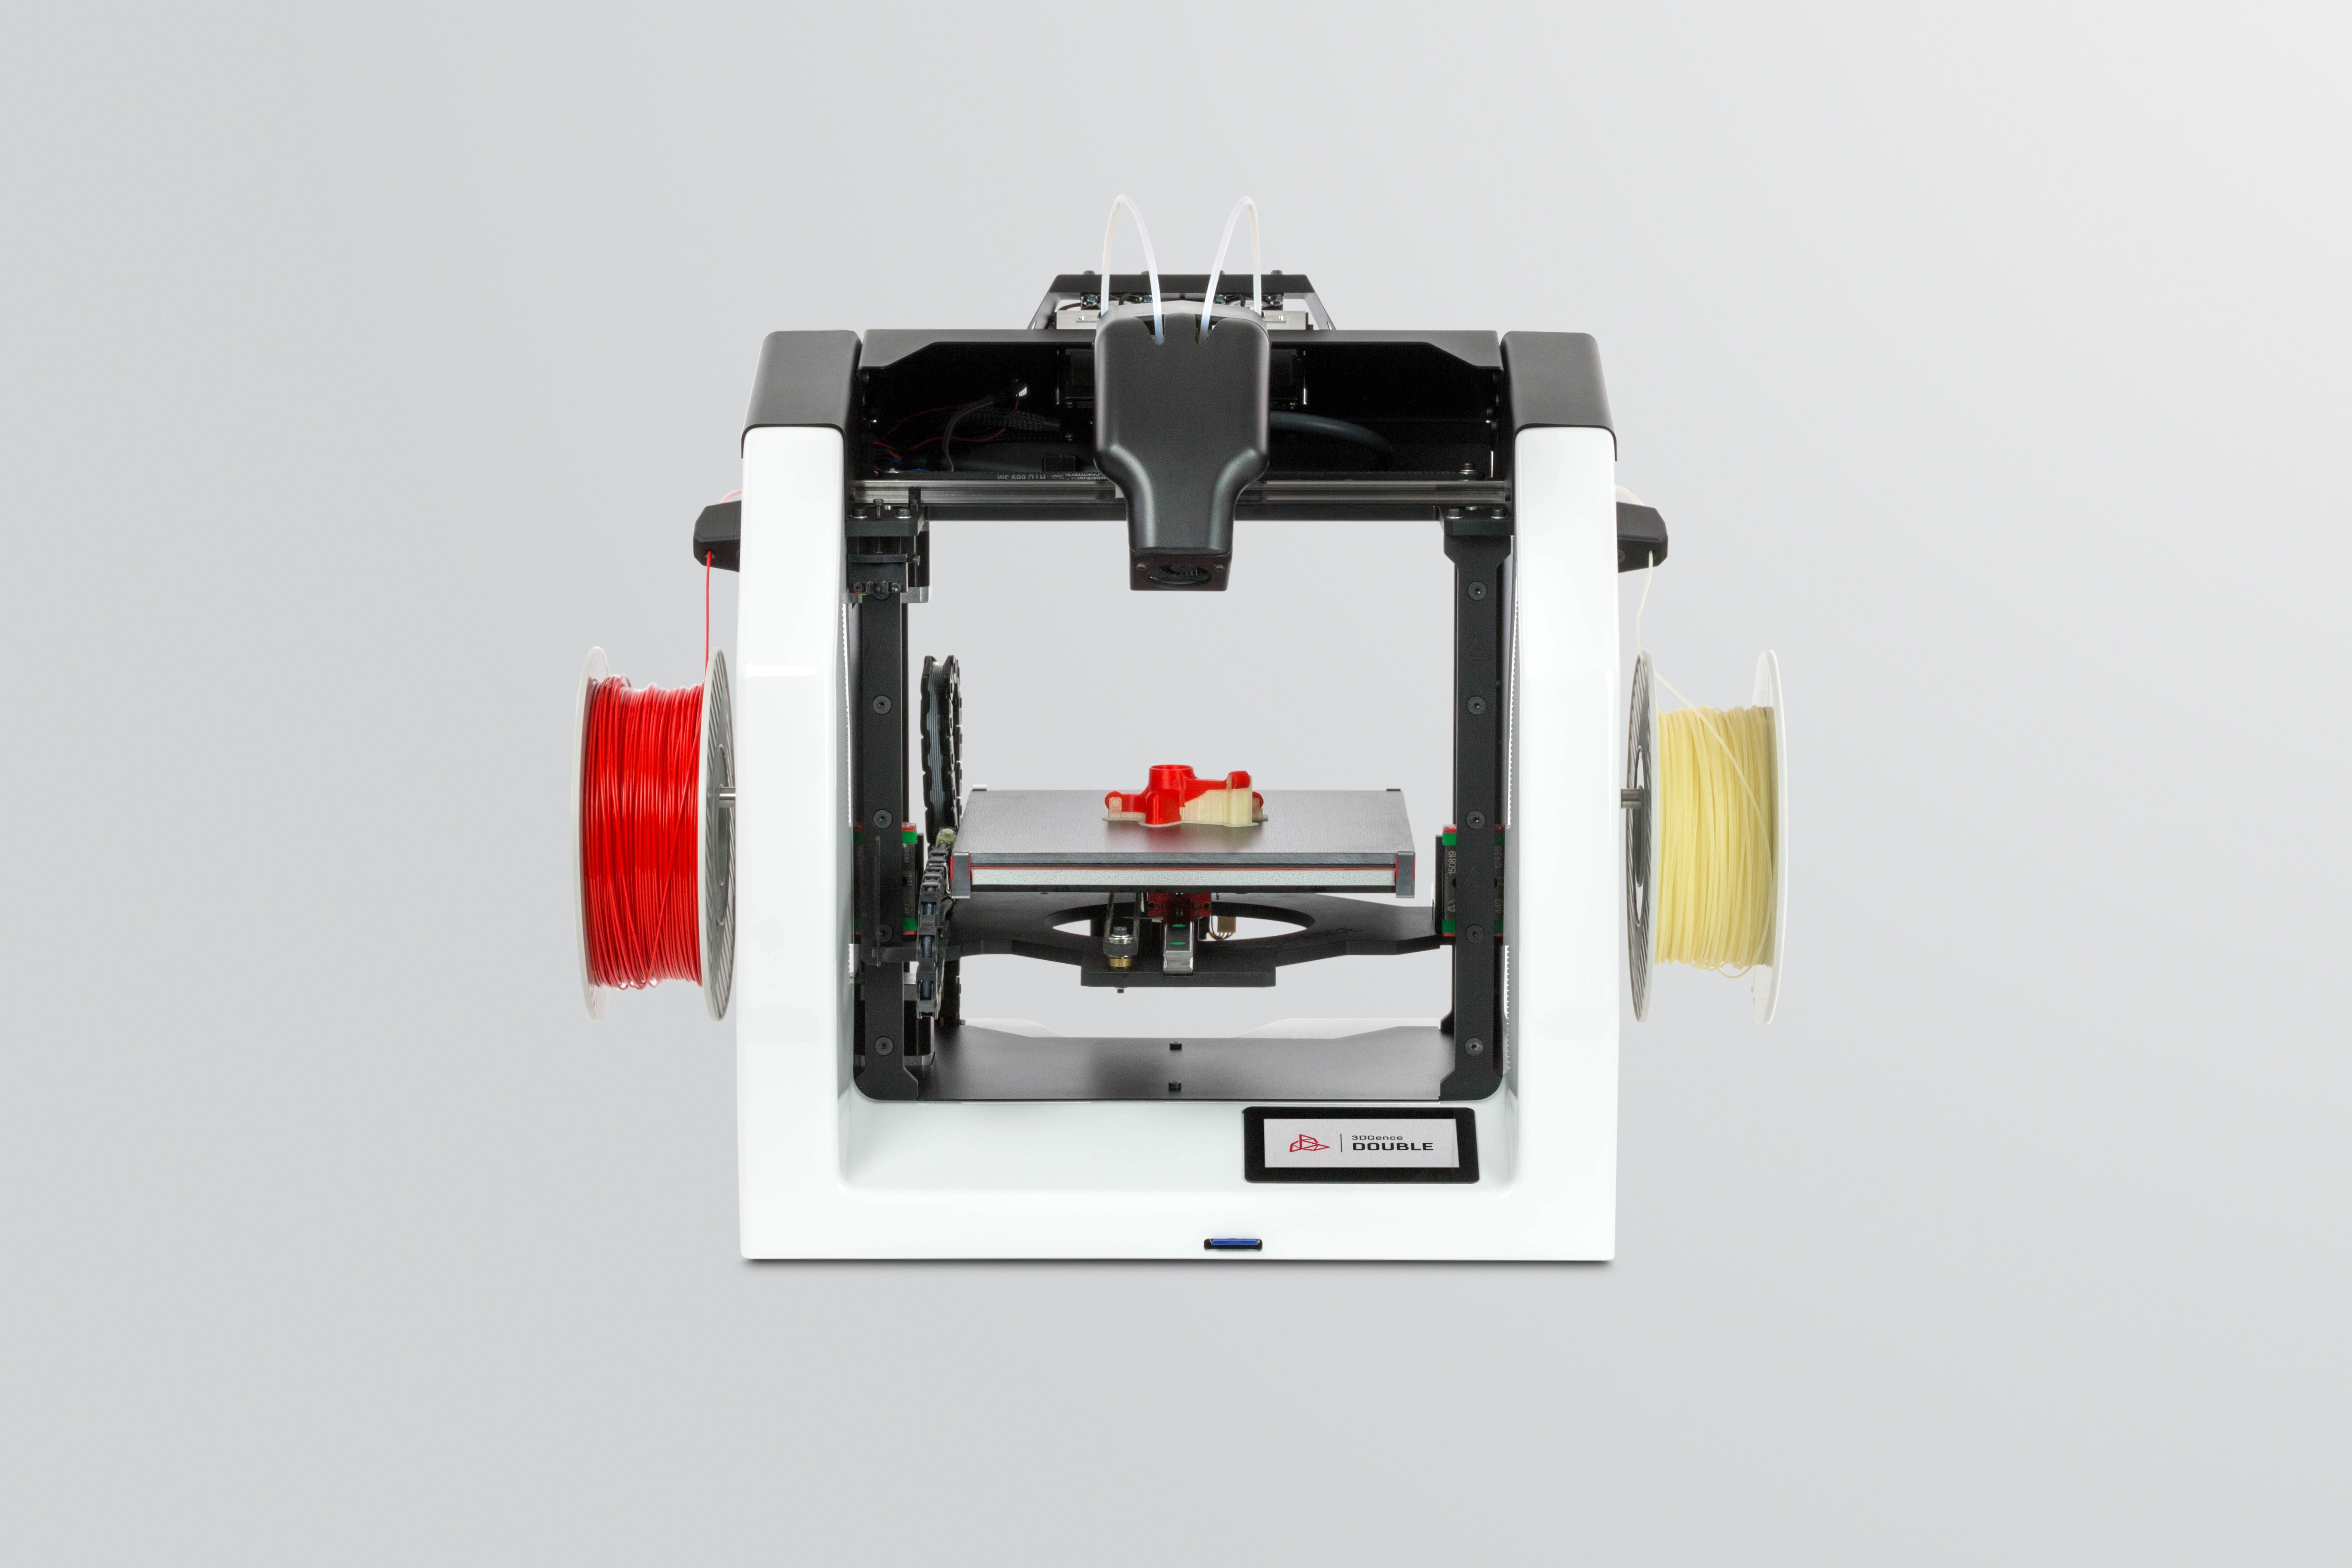 3DGence Double 3d drucker dualextruder2 - 3DGence stellt neuen DOUBLE 3D-Drucker mit Dualextruder vor